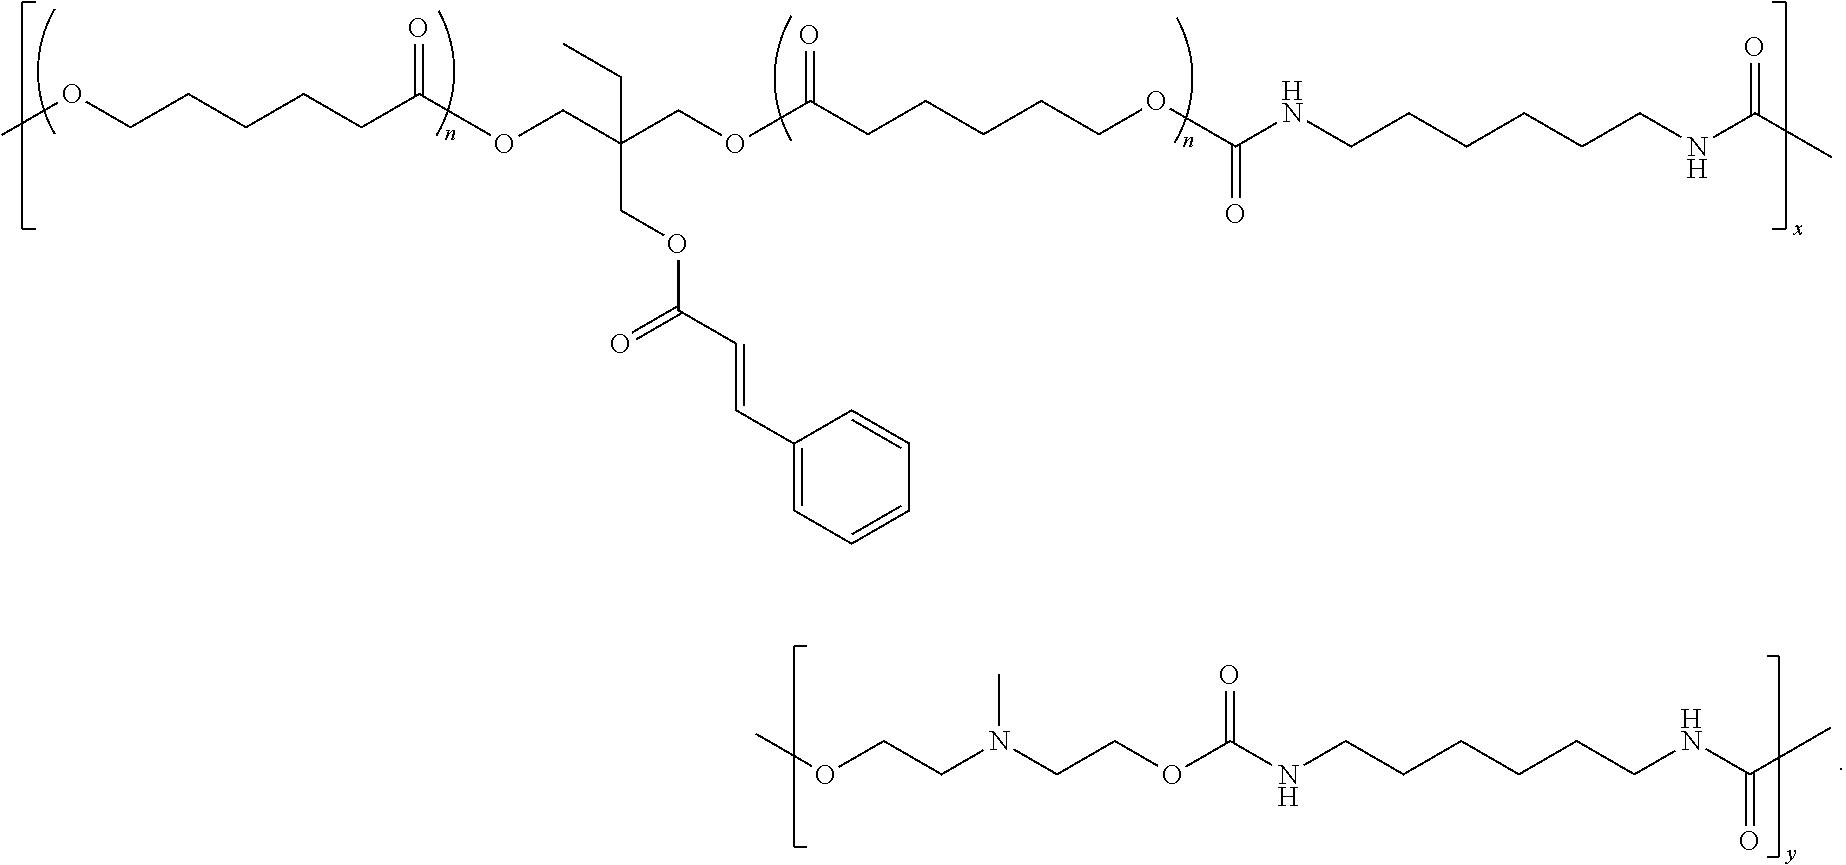 Figure US08815054-20140826-C00002